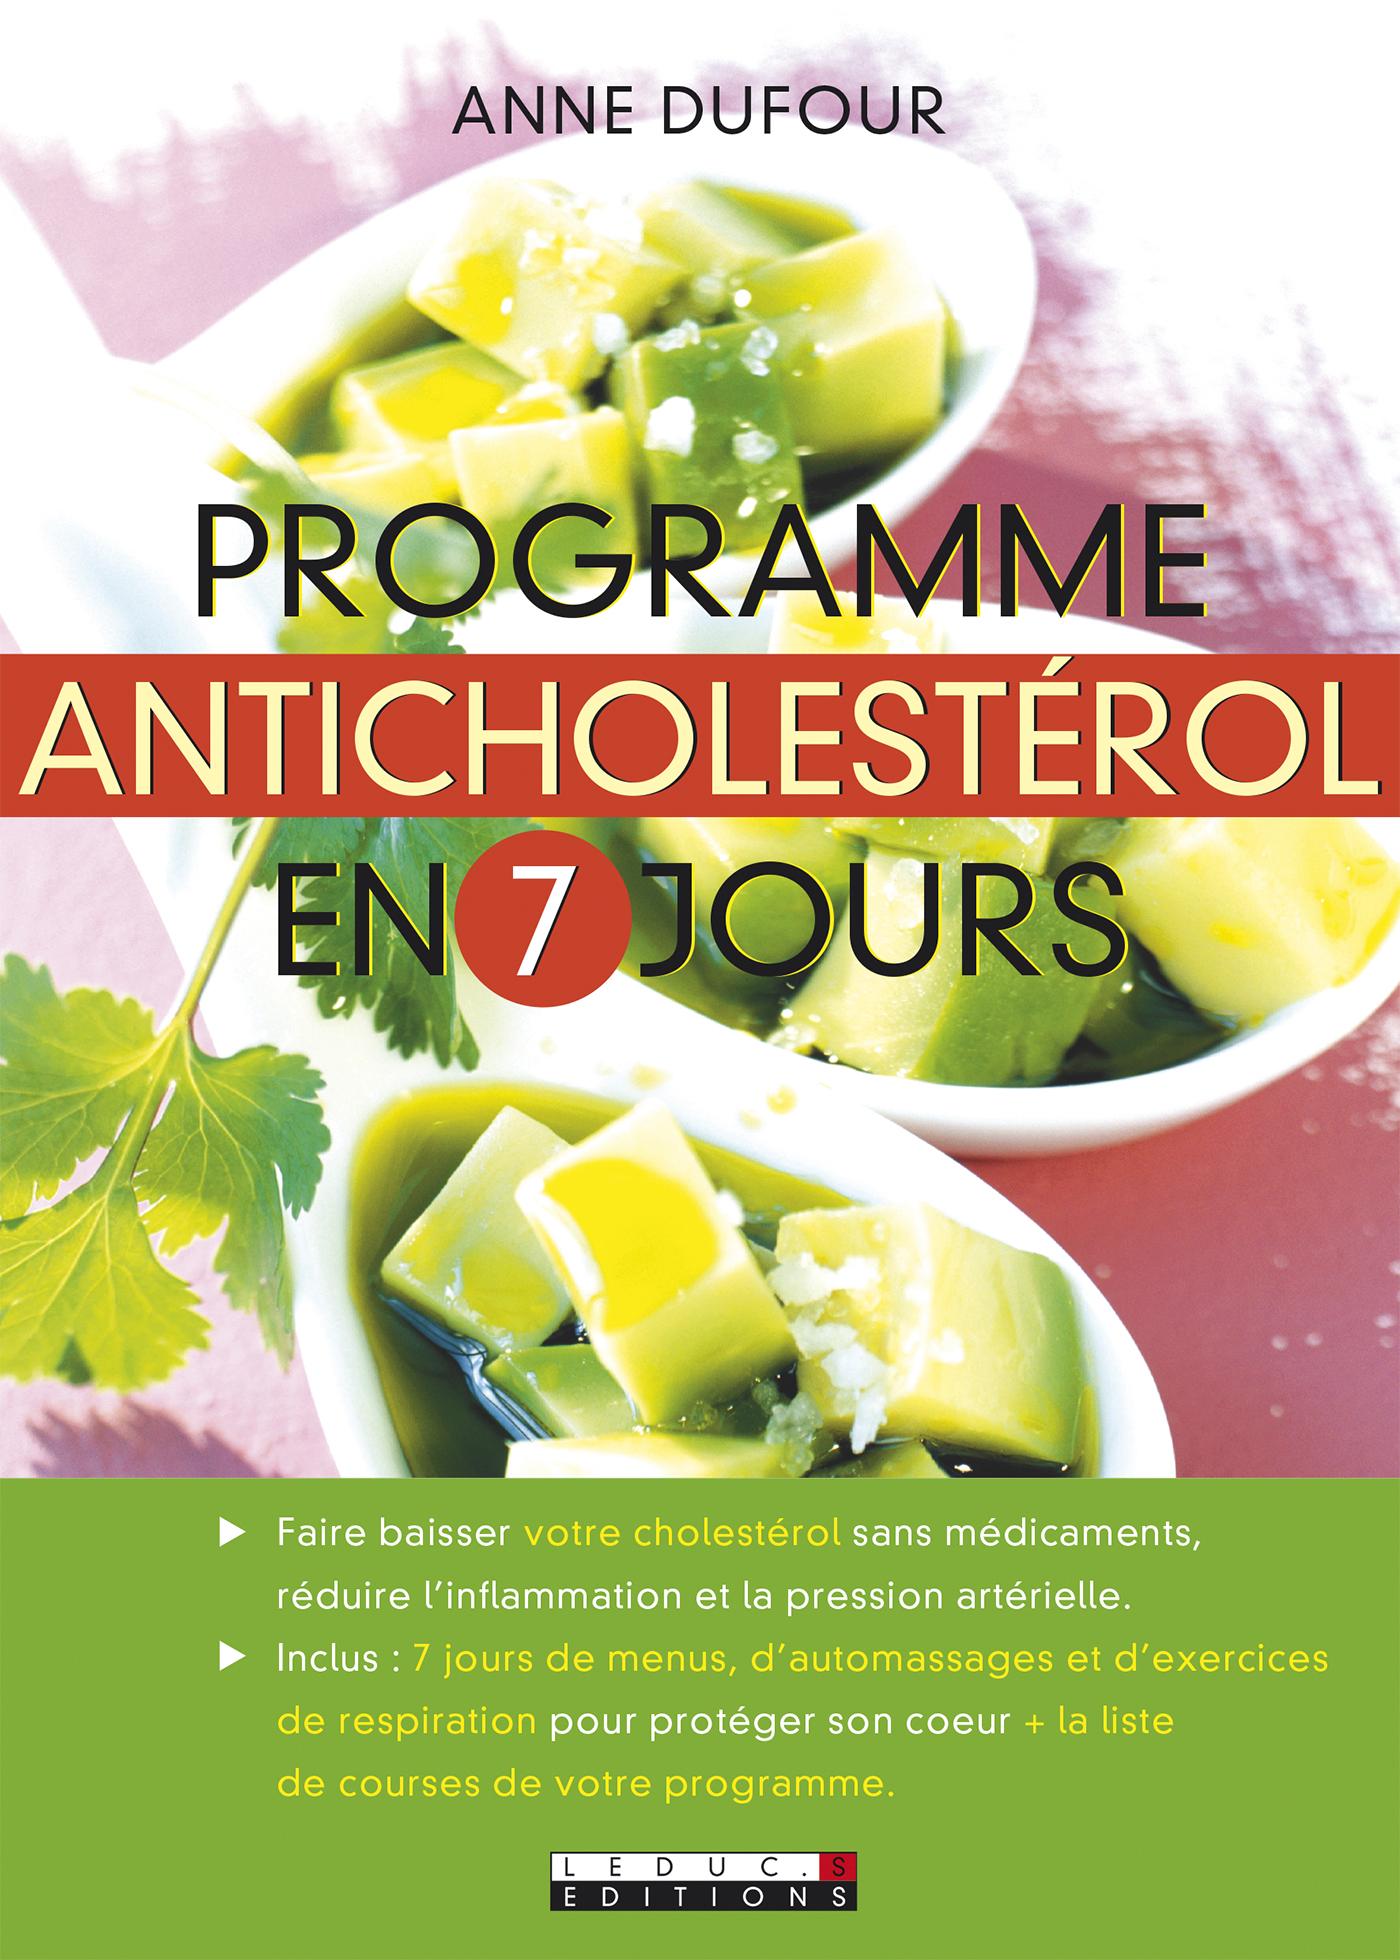 Programme anticholestérol en 7 jours - Faire baisser votre cholestérol sans  médicaments, réduire l'inflammation et la pression artérielle.